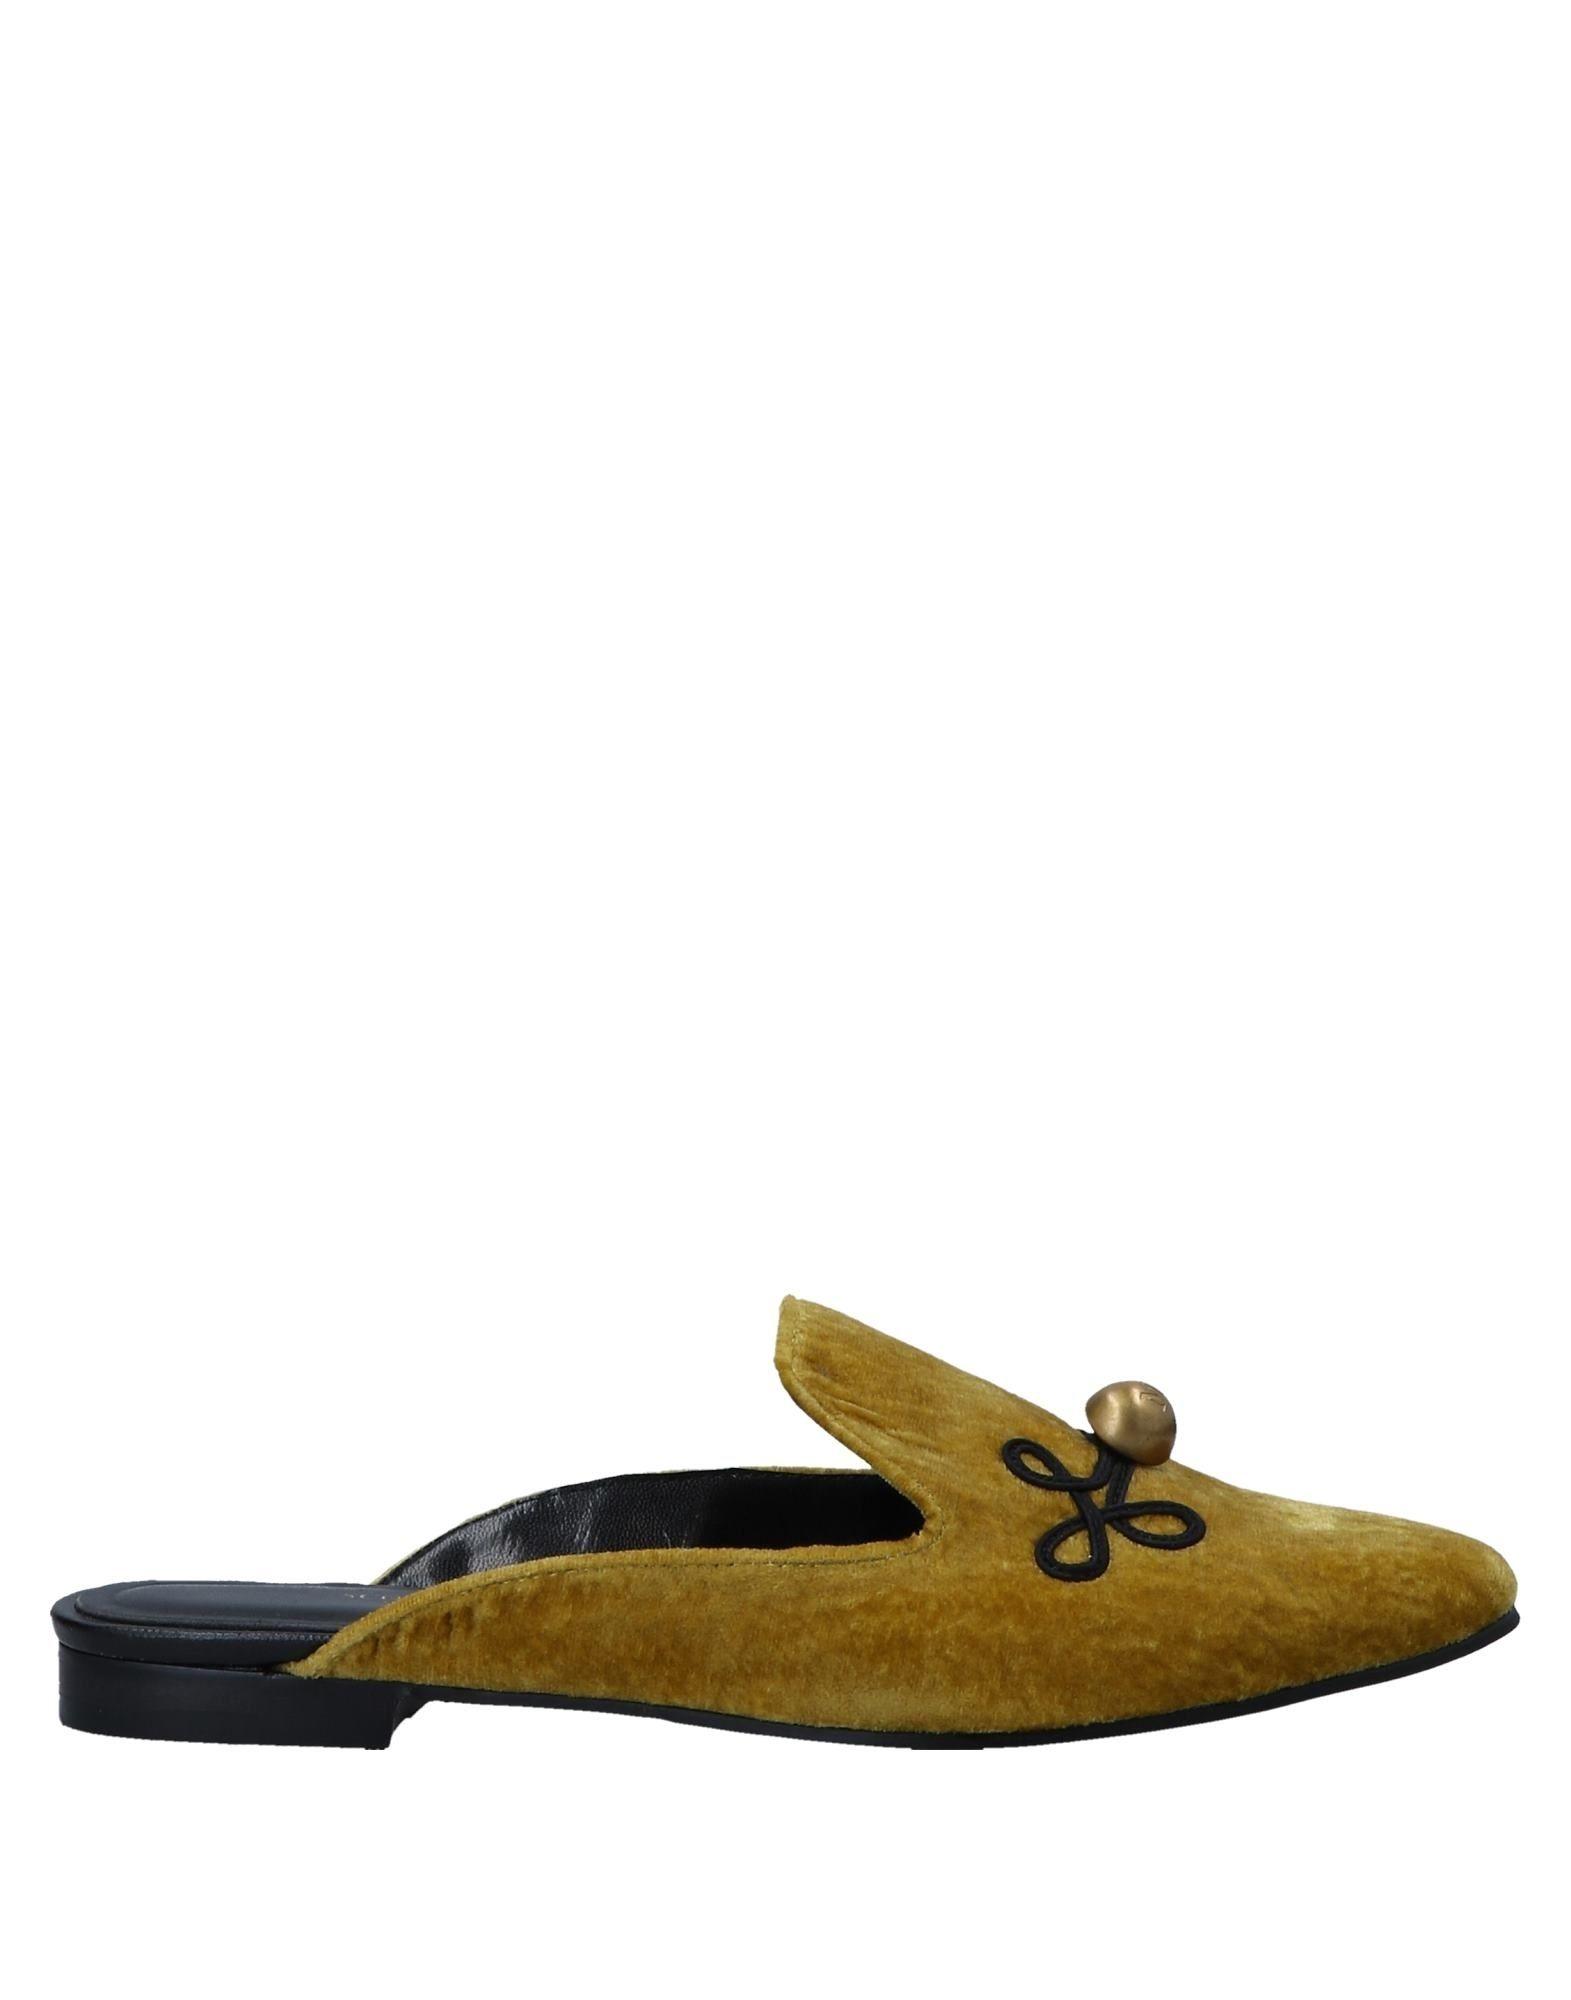 Maison Scotch Pantoletten Qualität Damen  11557503NI Gute Qualität Pantoletten beliebte Schuhe ffda9c